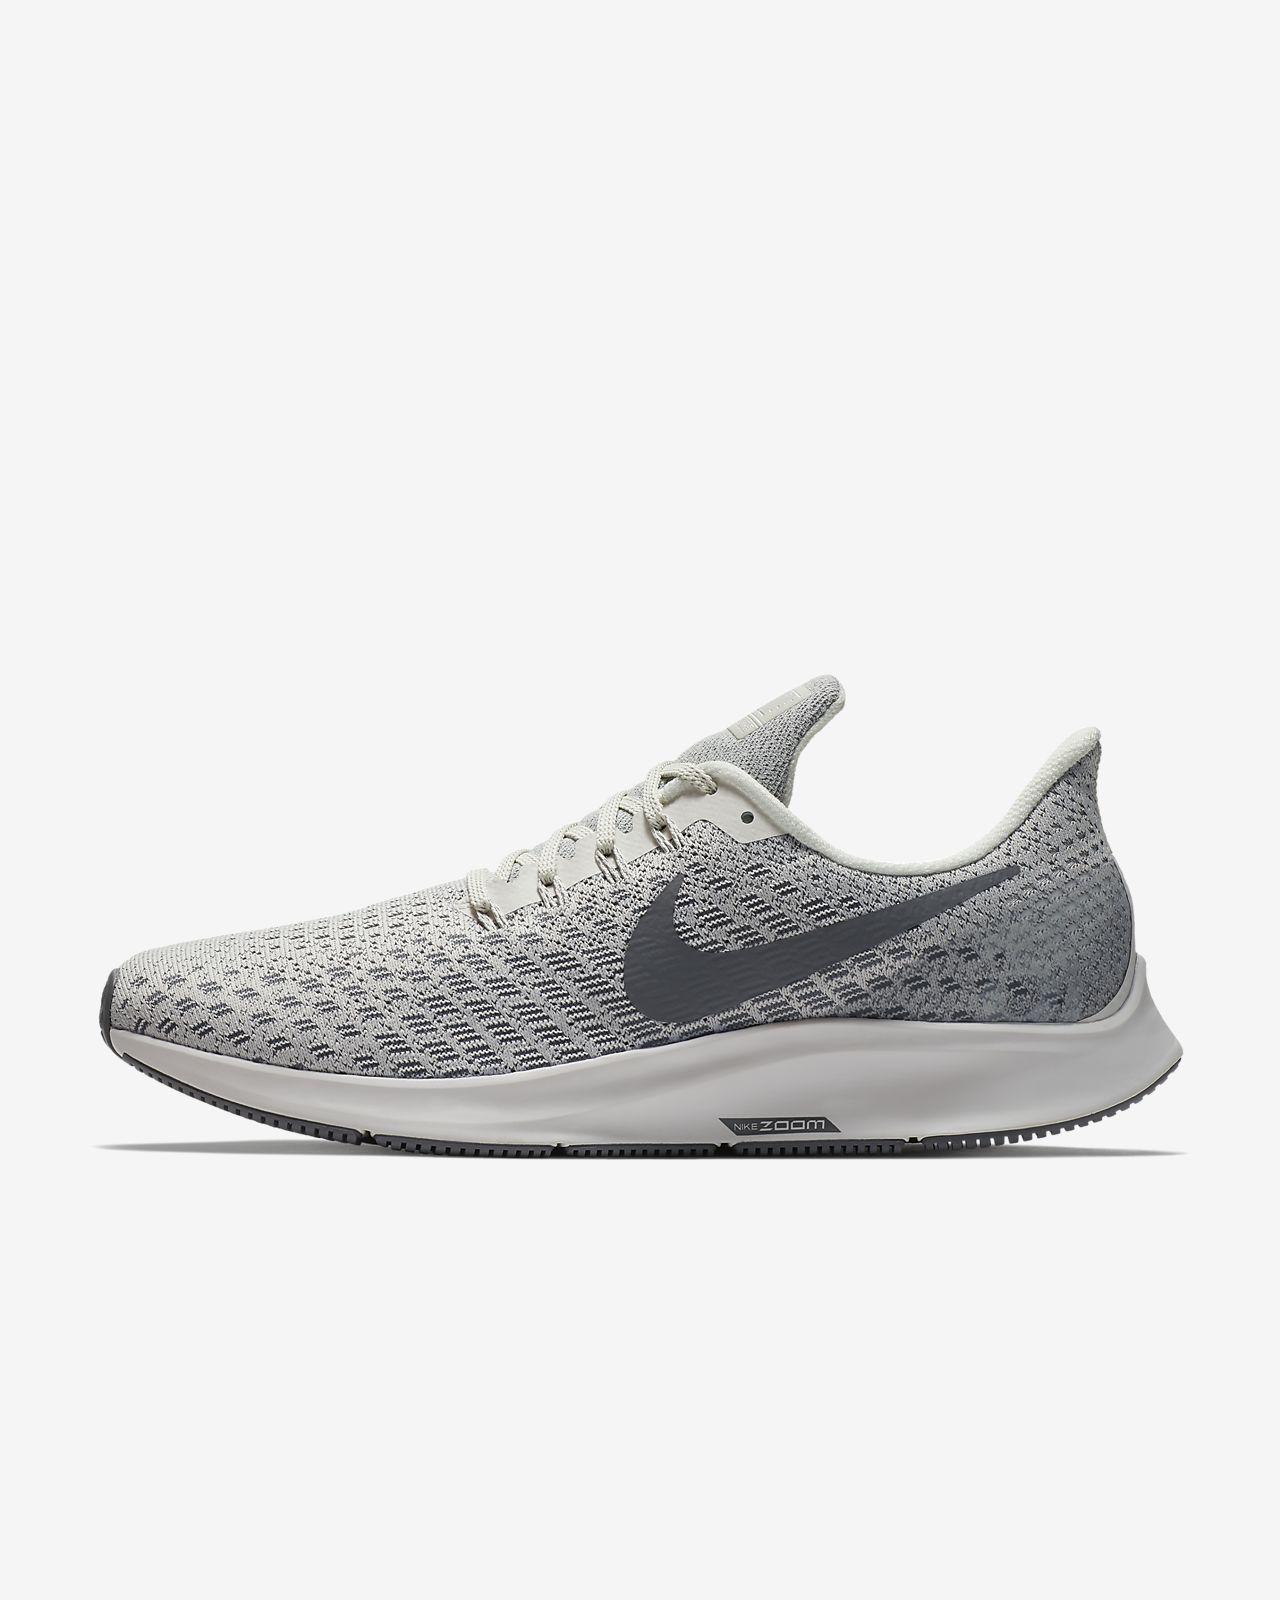 online store 8e146 1dfd3 ... Calzado de running para hombre Nike Air Zoom Pegasus 35